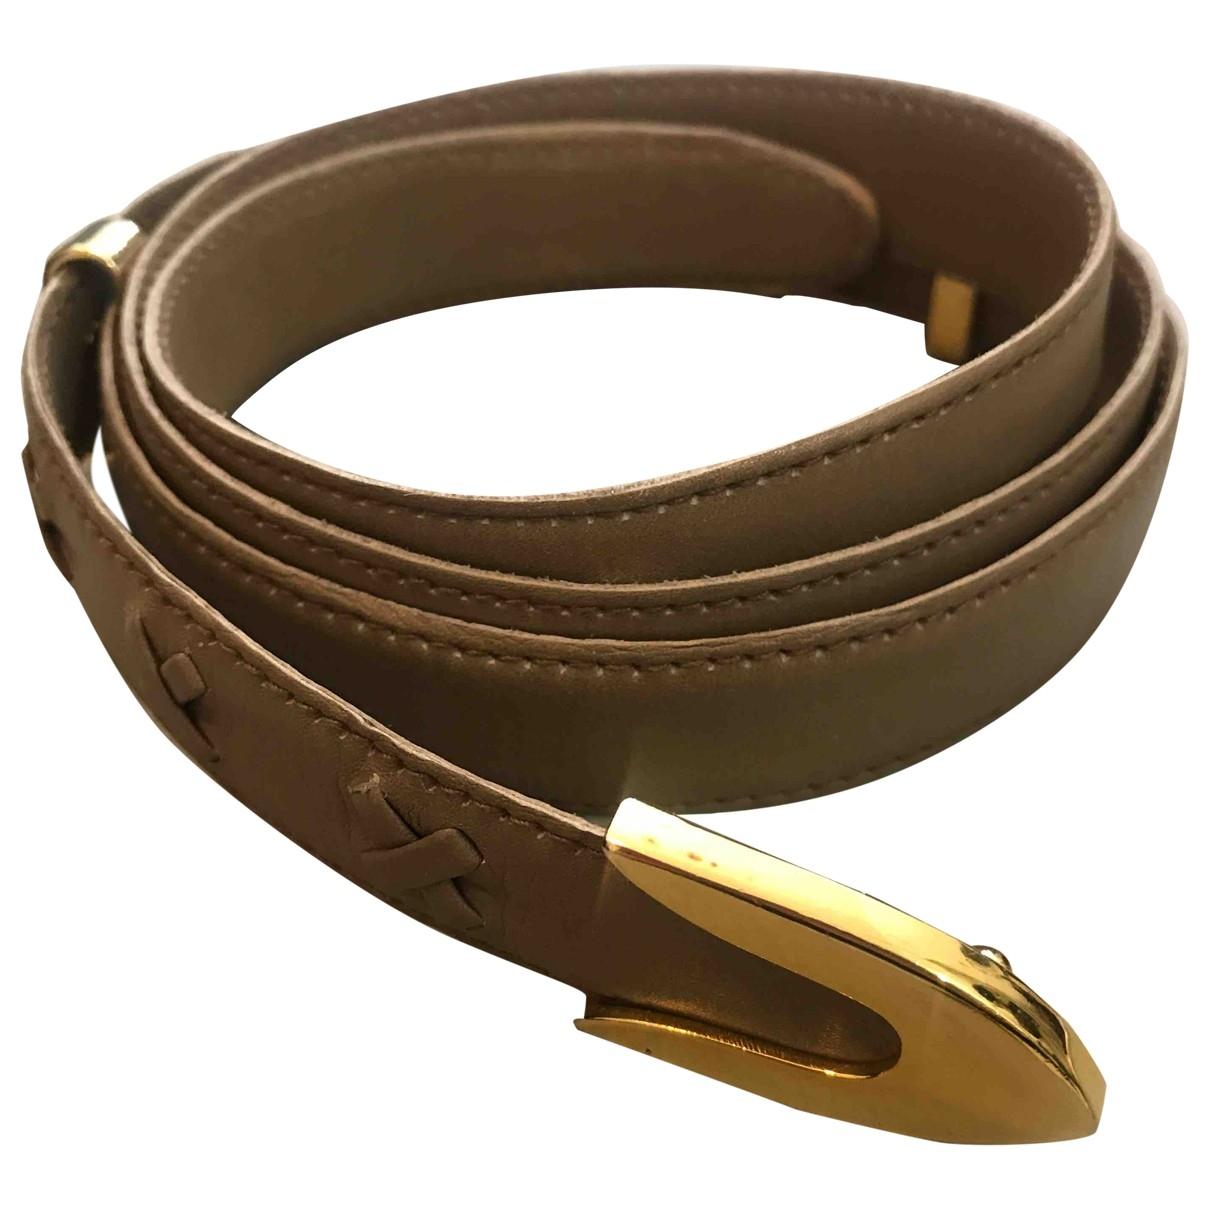 Rodo \N Beige Leather belt for Women M International